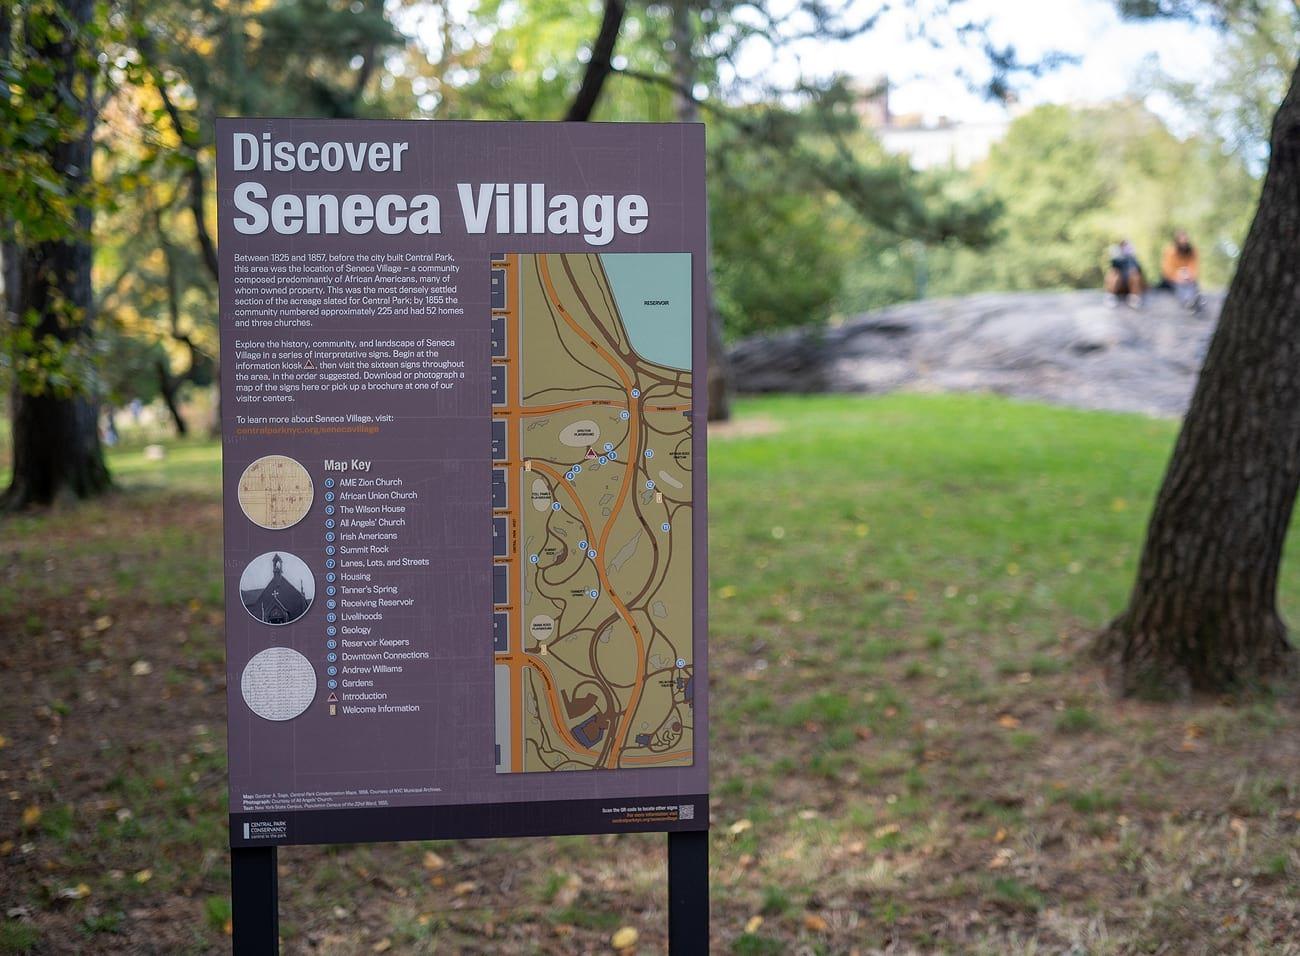 Signage describing Seneca Village in Central Park.